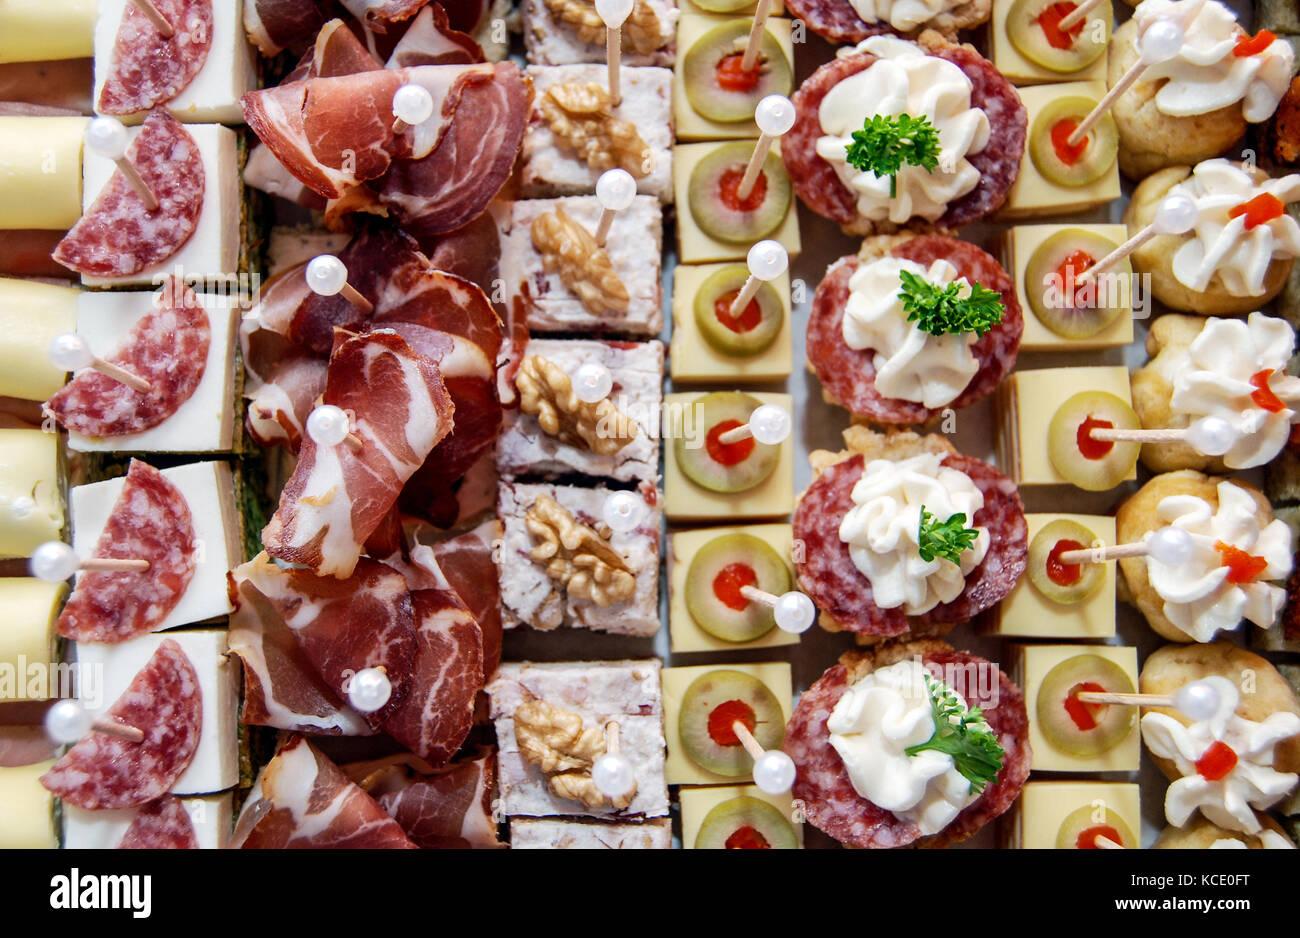 Photo d'un beutifill canapés décoration Photo Stock